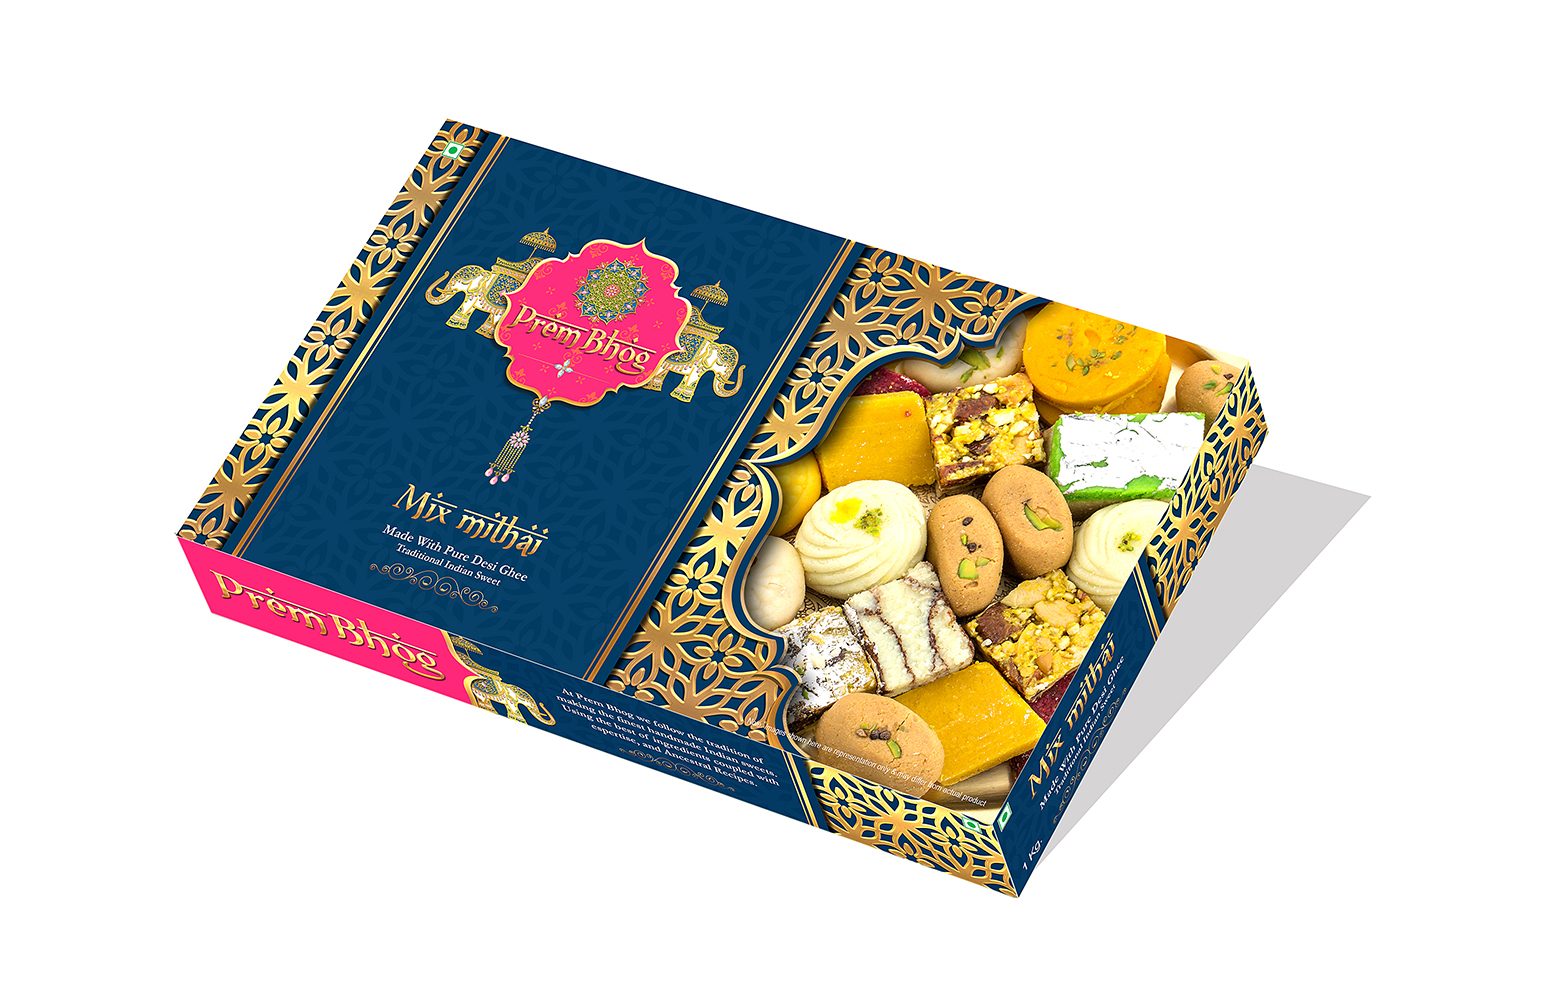 india-gate-packaging-mithai India gate box Design - camera-craft